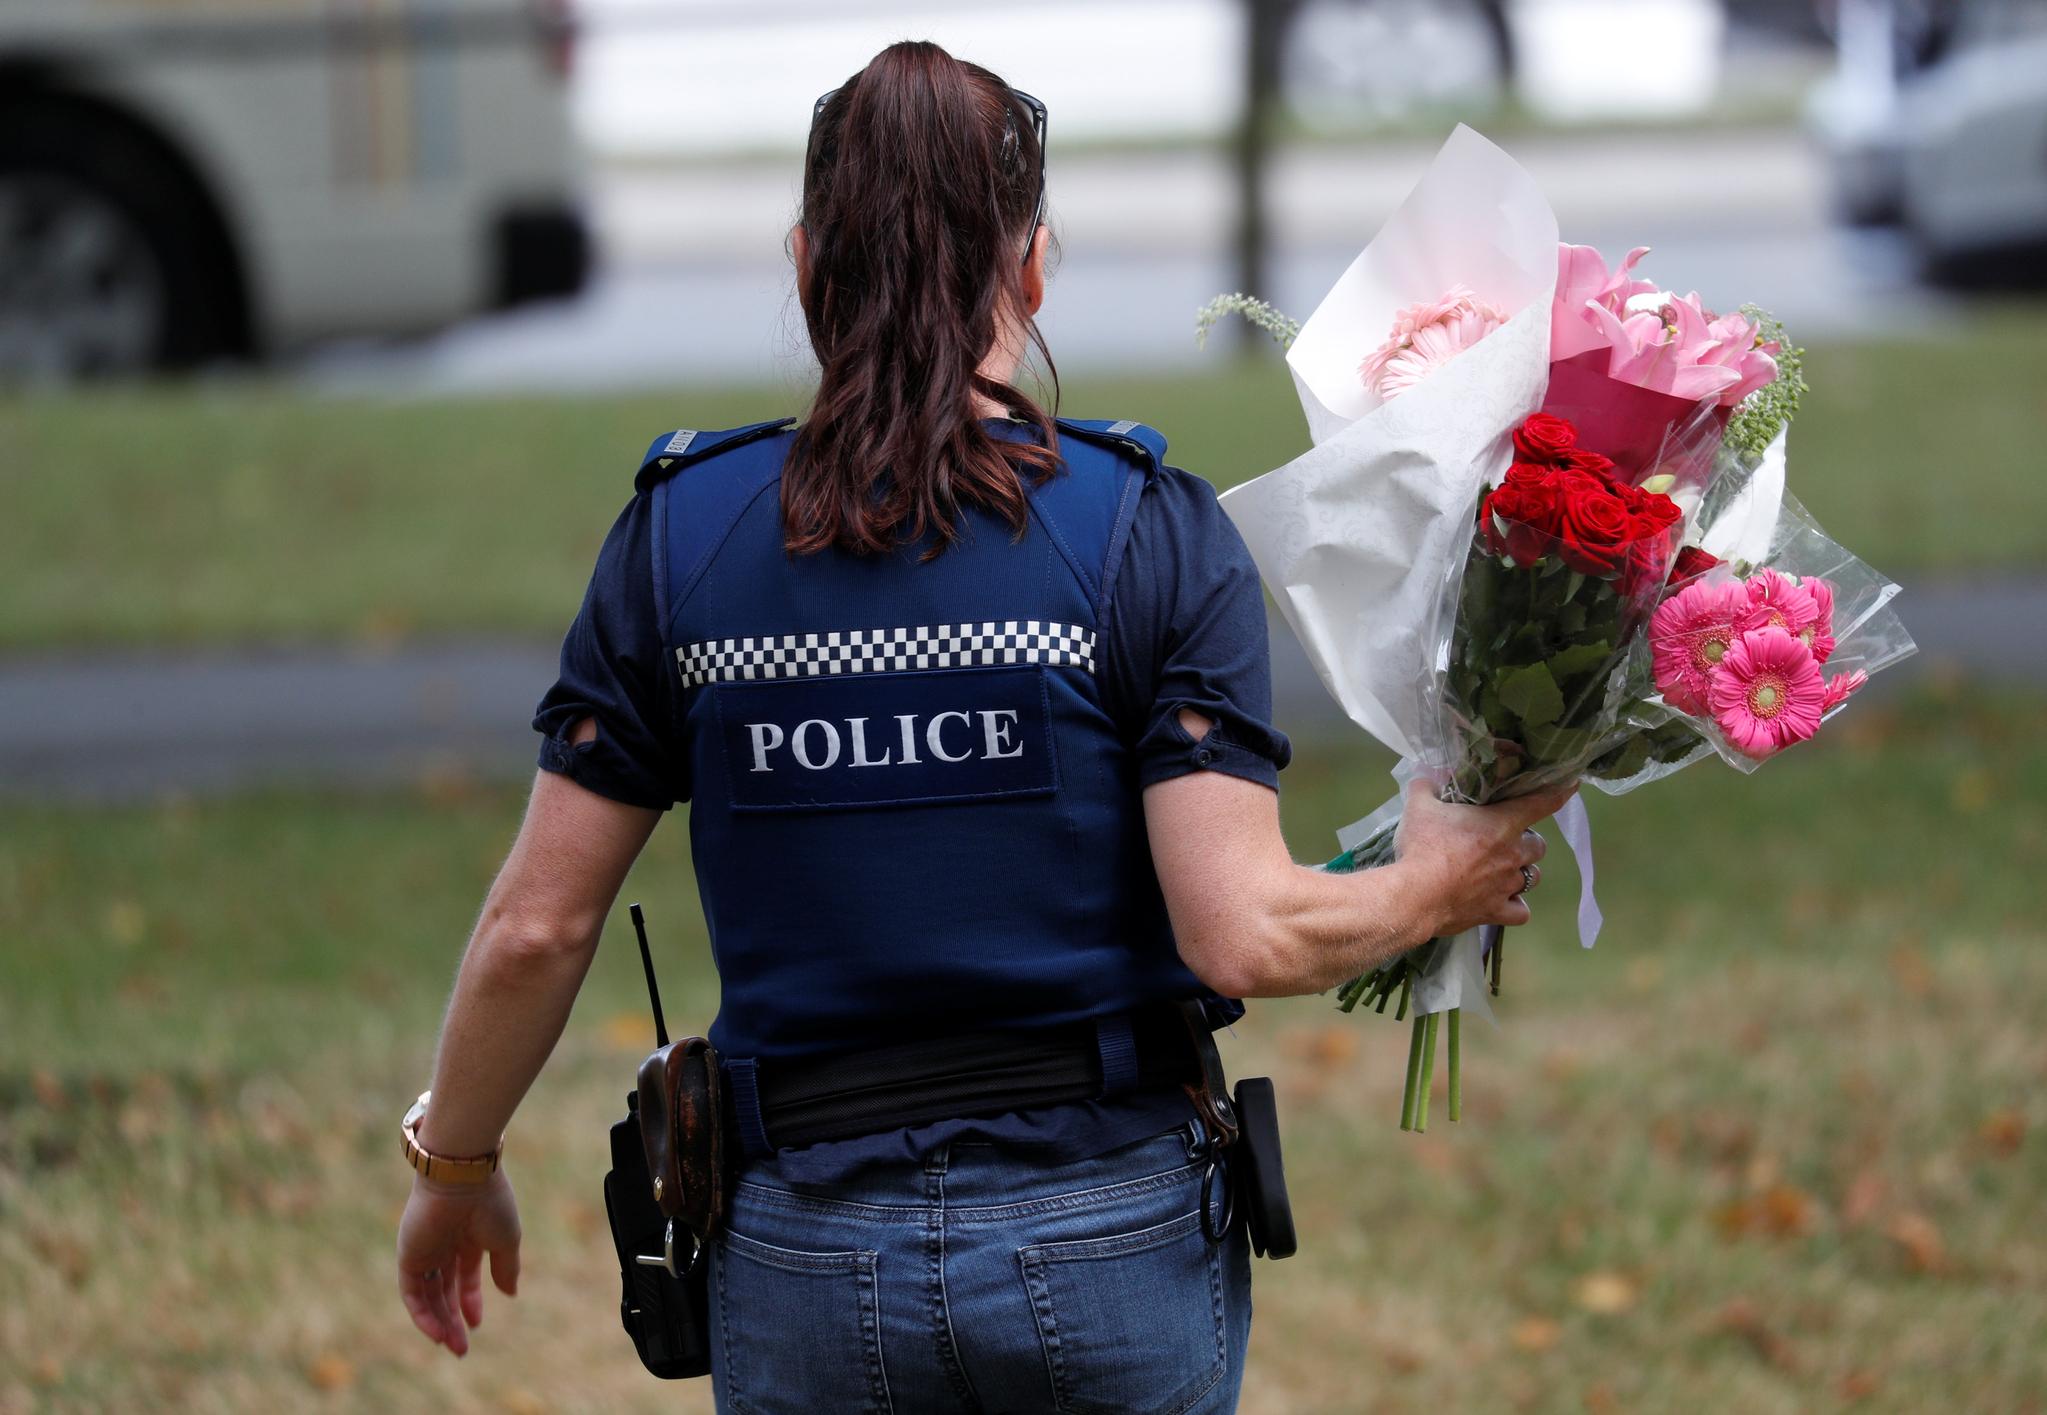 한 경찰이 17일(현지시간) 주민들이 건넨 추모 꽃다발을 들고 있다. [로이터=연합뉴스]